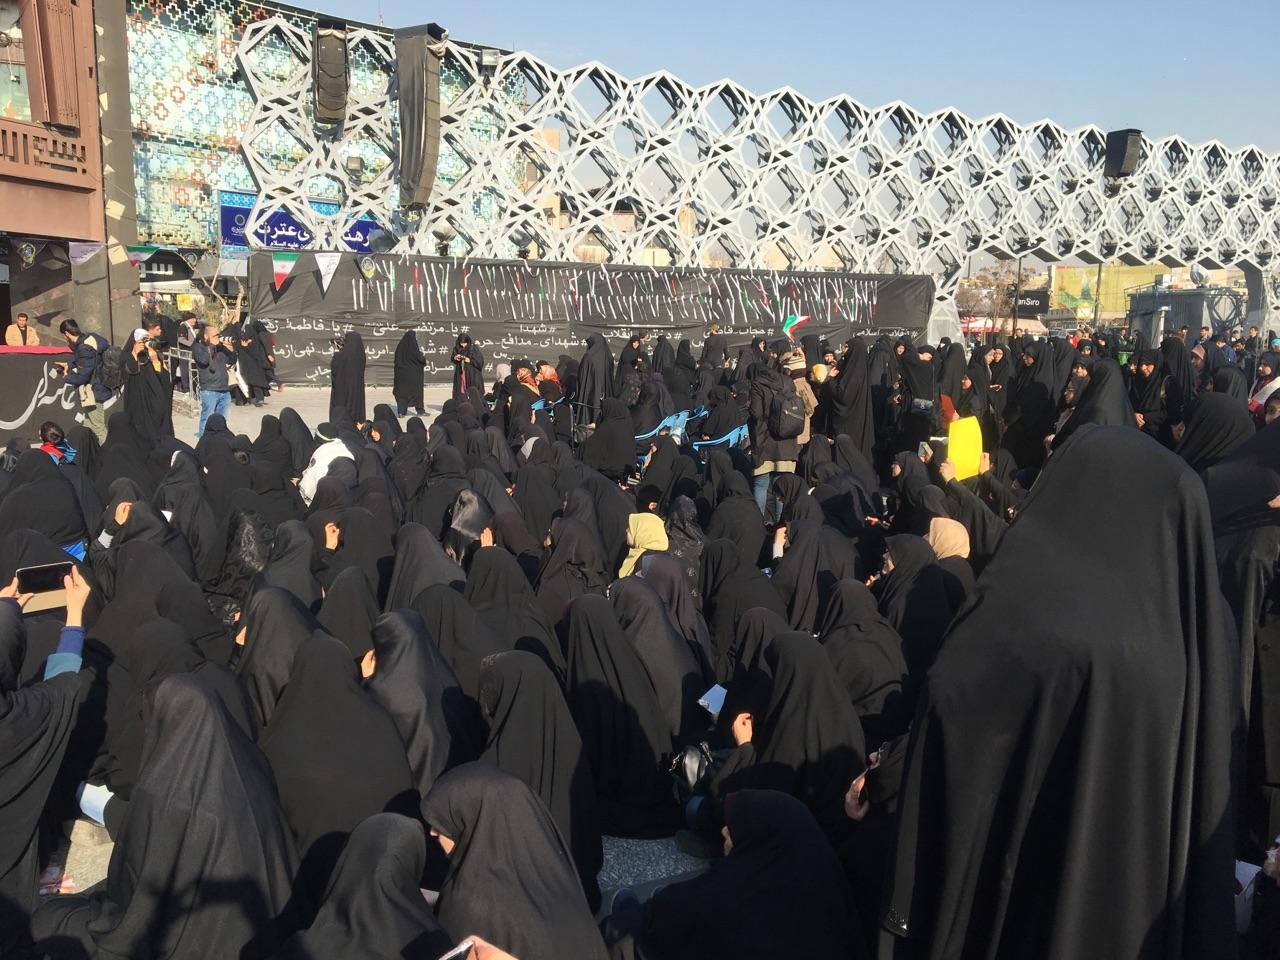 استقبال گسترده زنان انقلابی از اجتماع عظیم دختران انقلاب